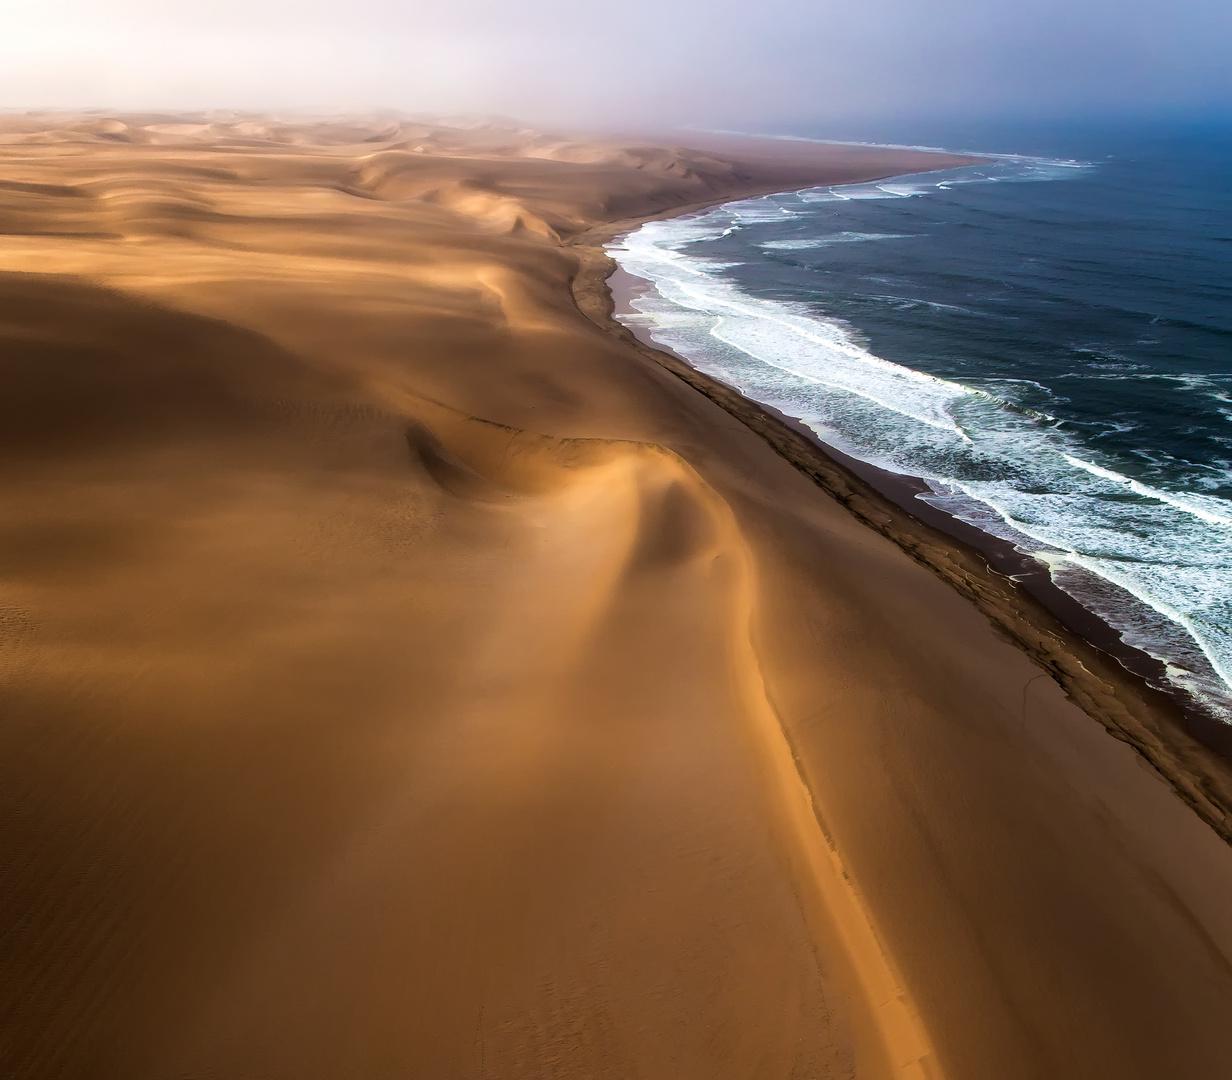 Diamond Coast (Namibia)